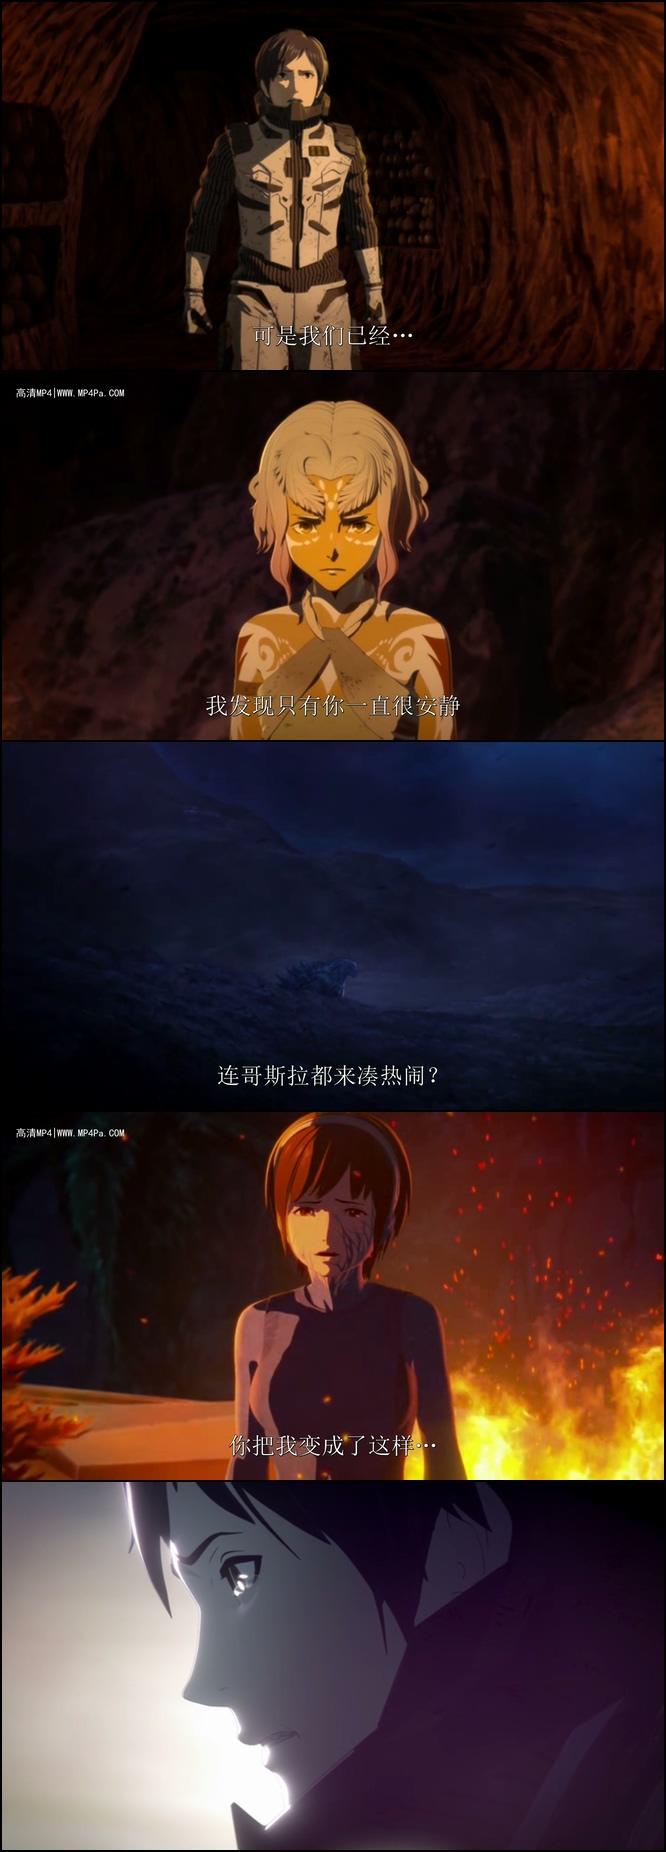 哥斯拉:噬星者.2018.MP4.HD.动作.科幻.动画.日本